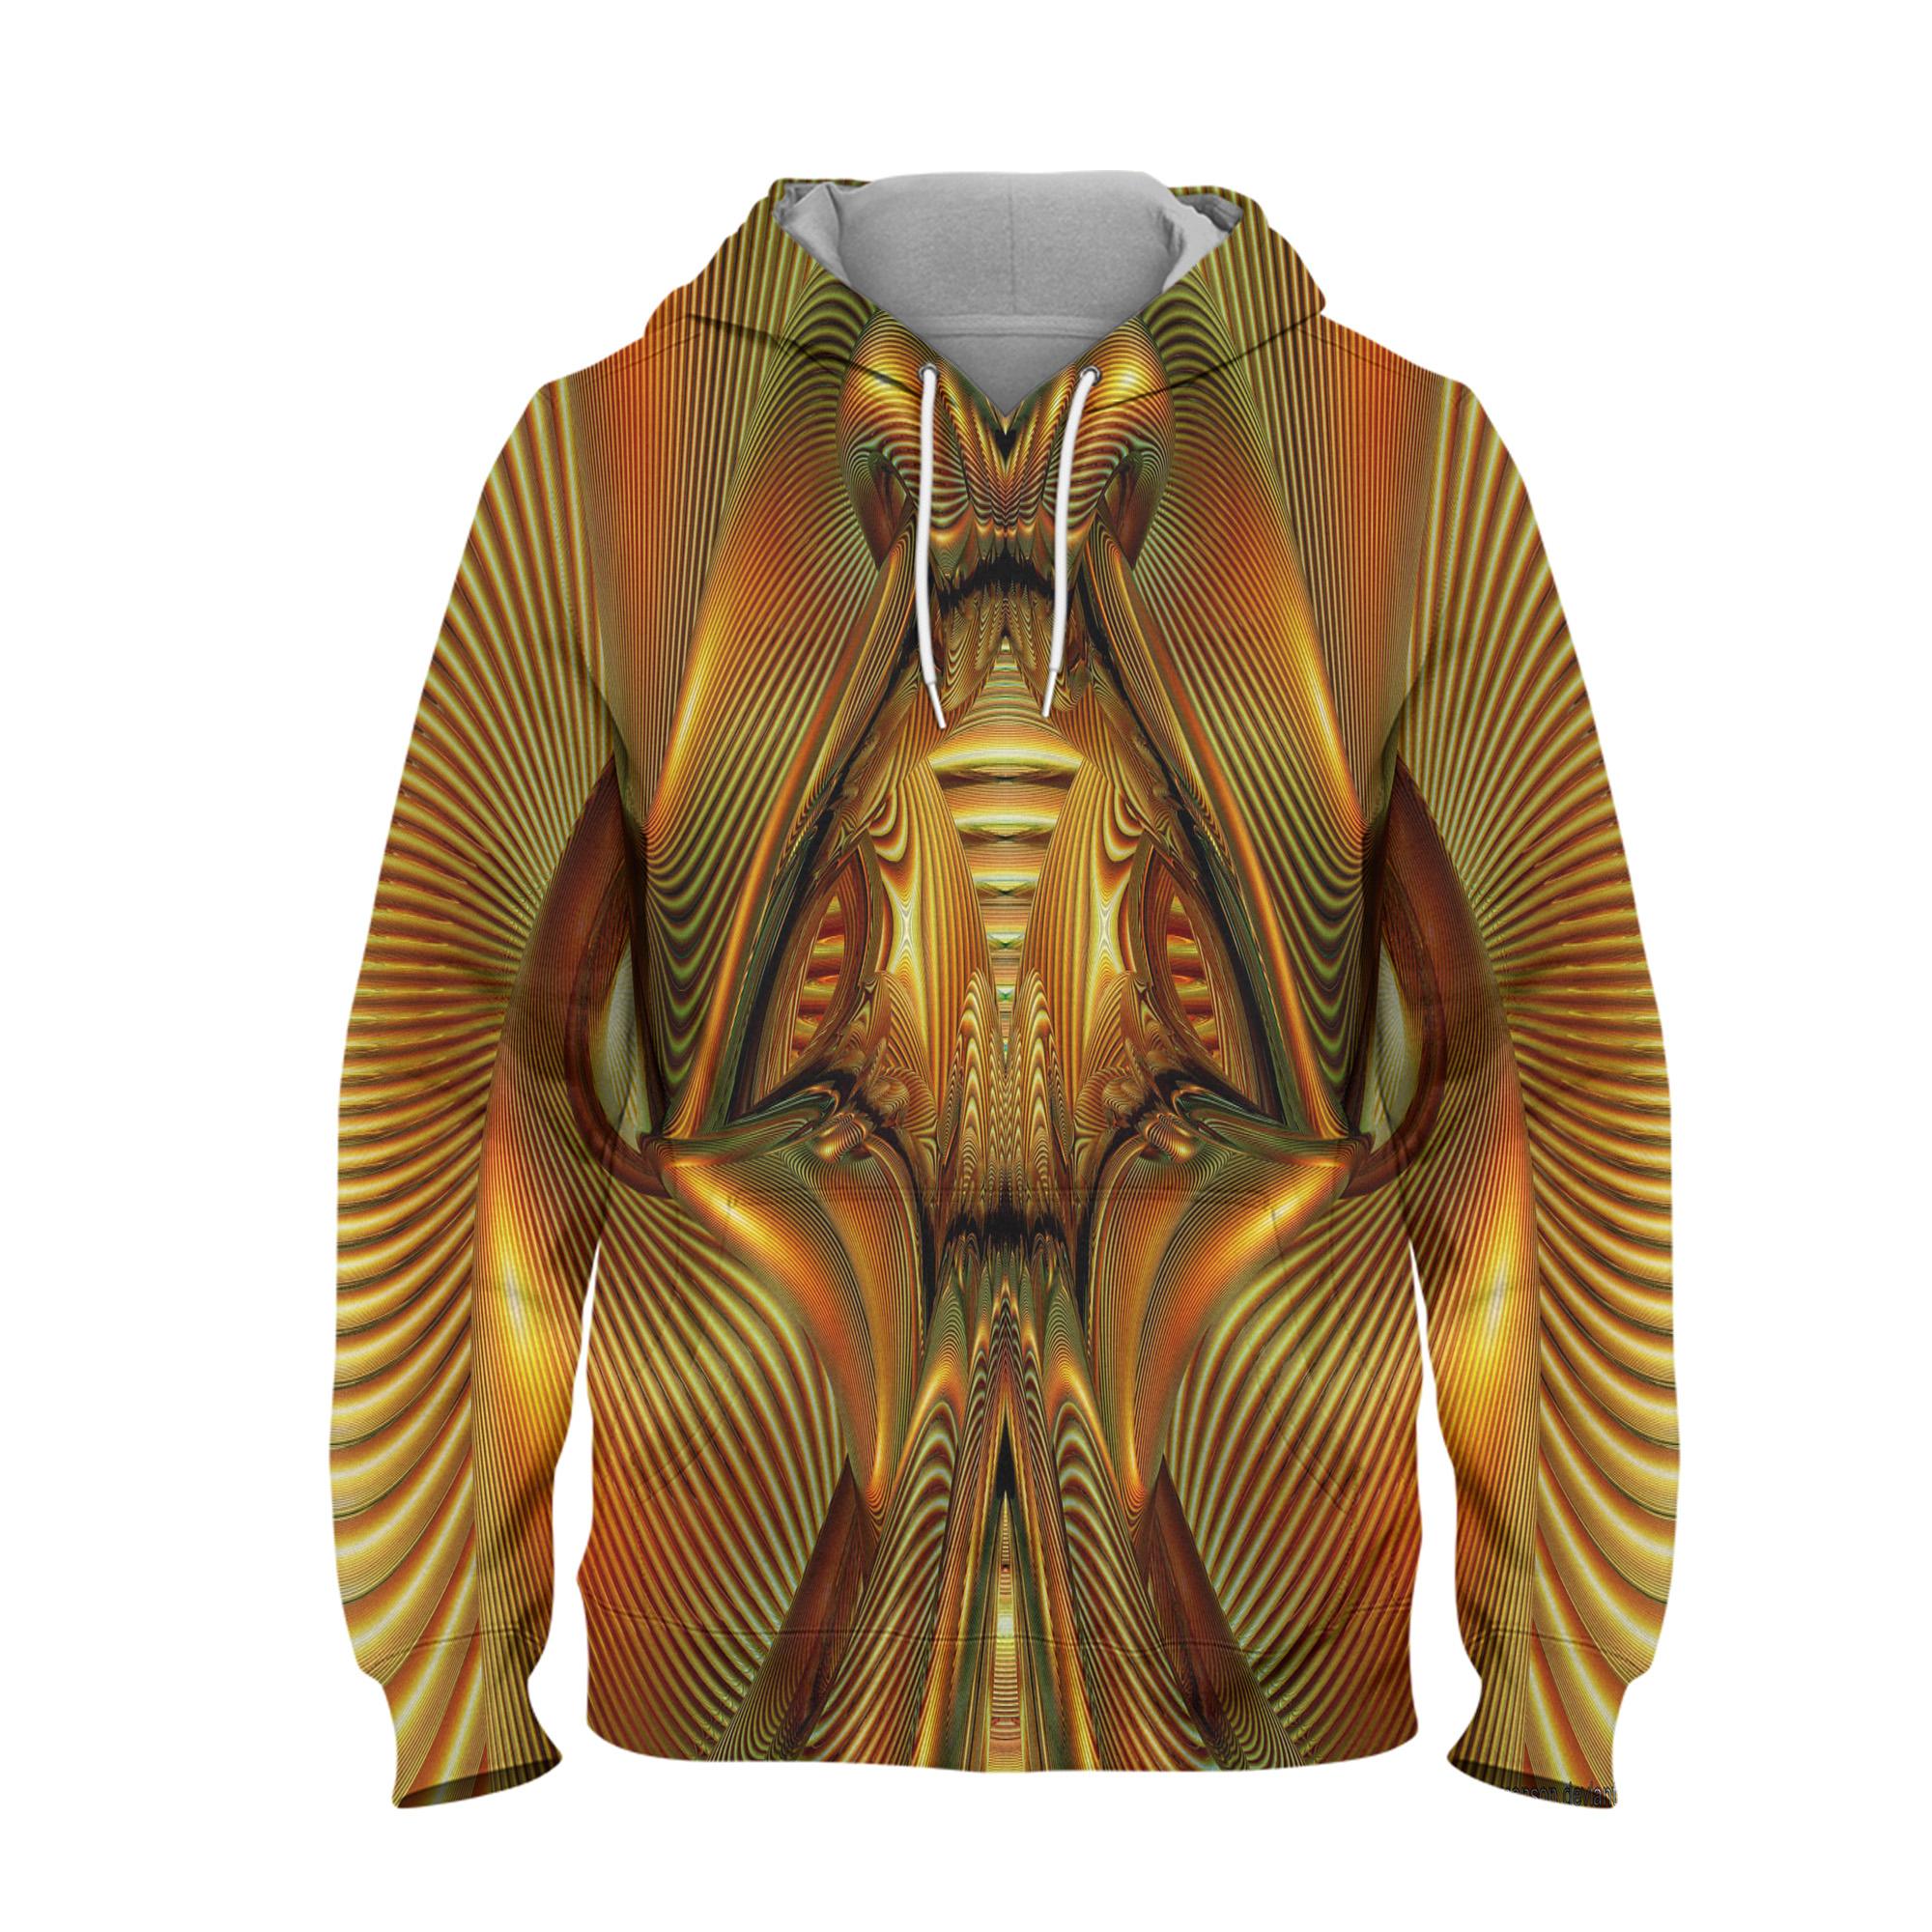 Abstract Art Design Hoodie – 3D Printed Pullover Hoodie